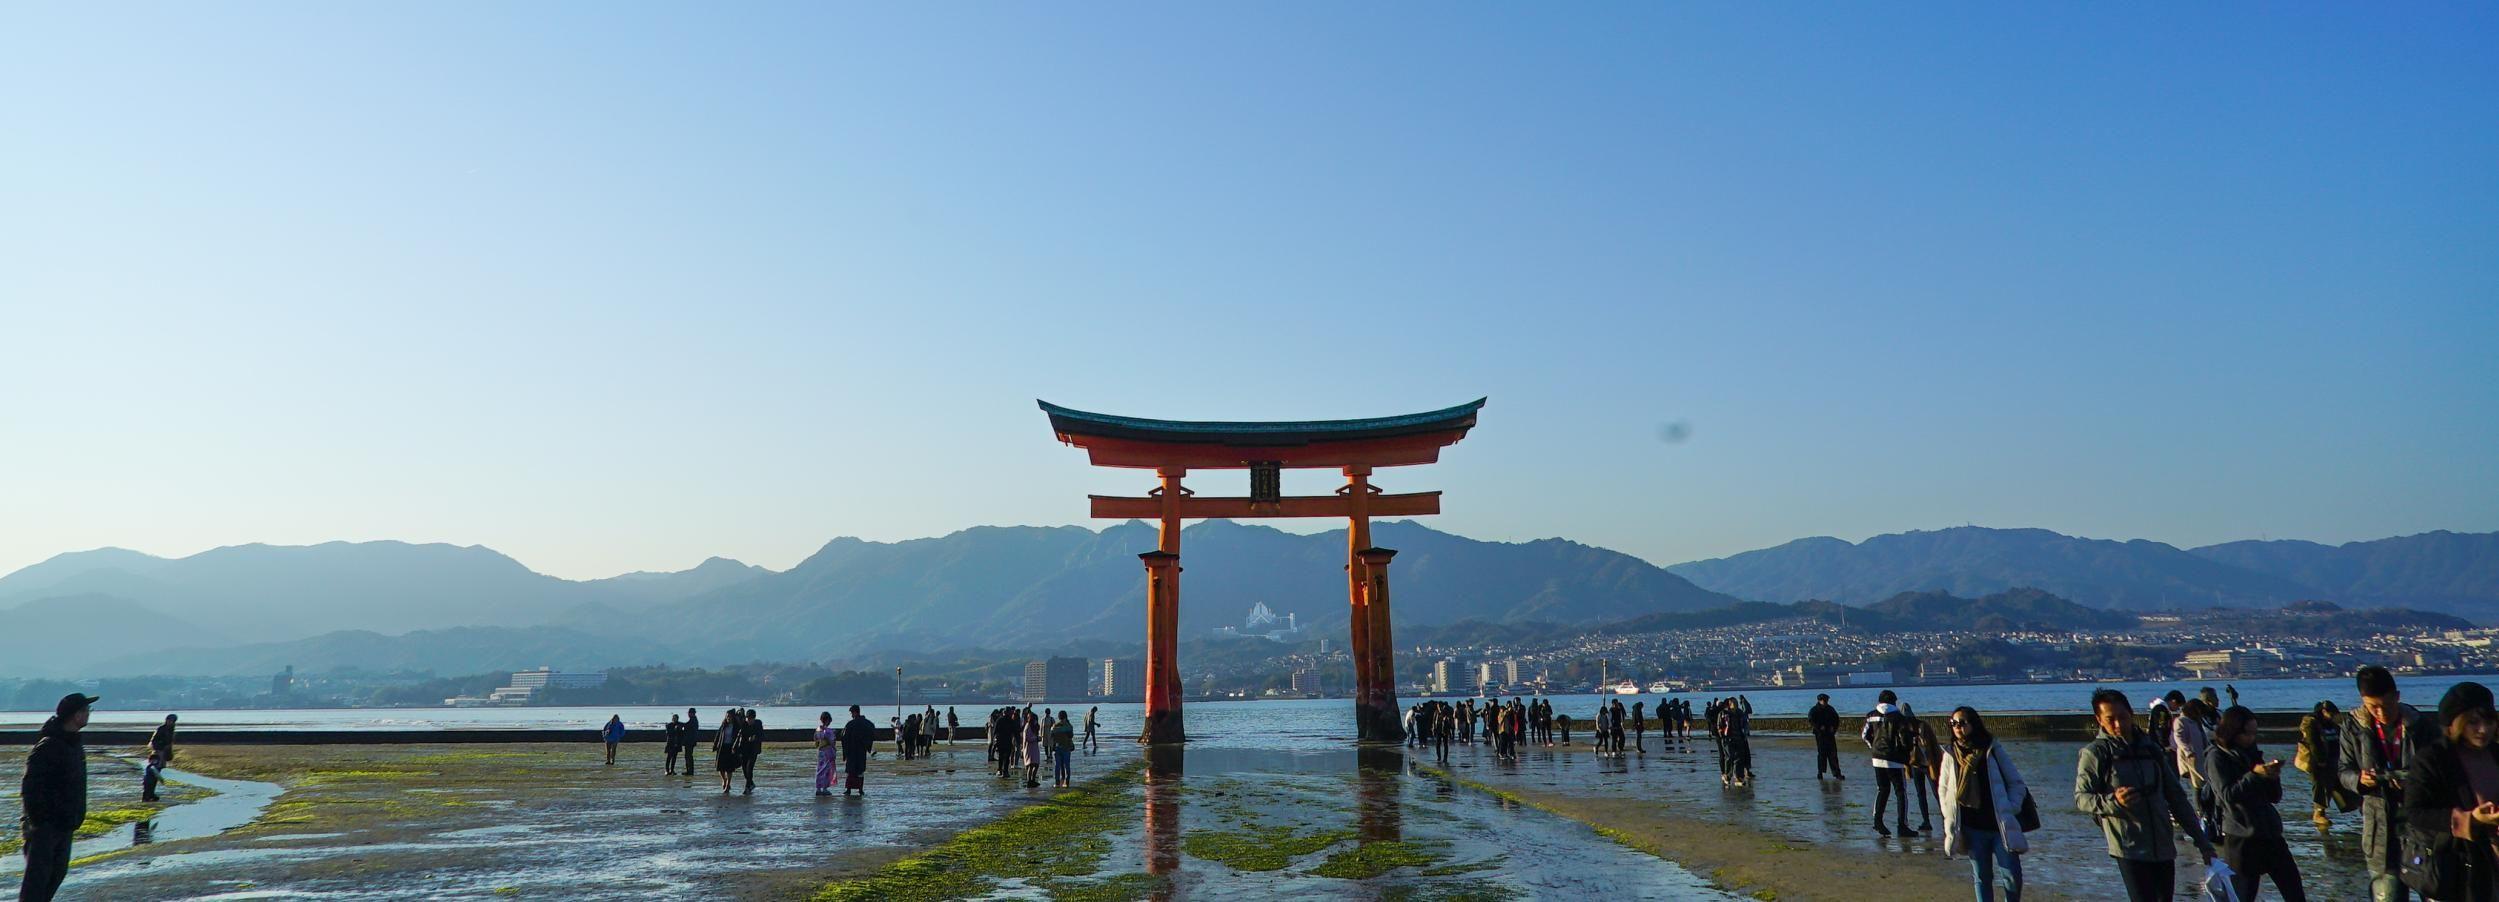 Hiroshima: recorrido cultural a pie por Miyajima con degustaciones gastronómicas